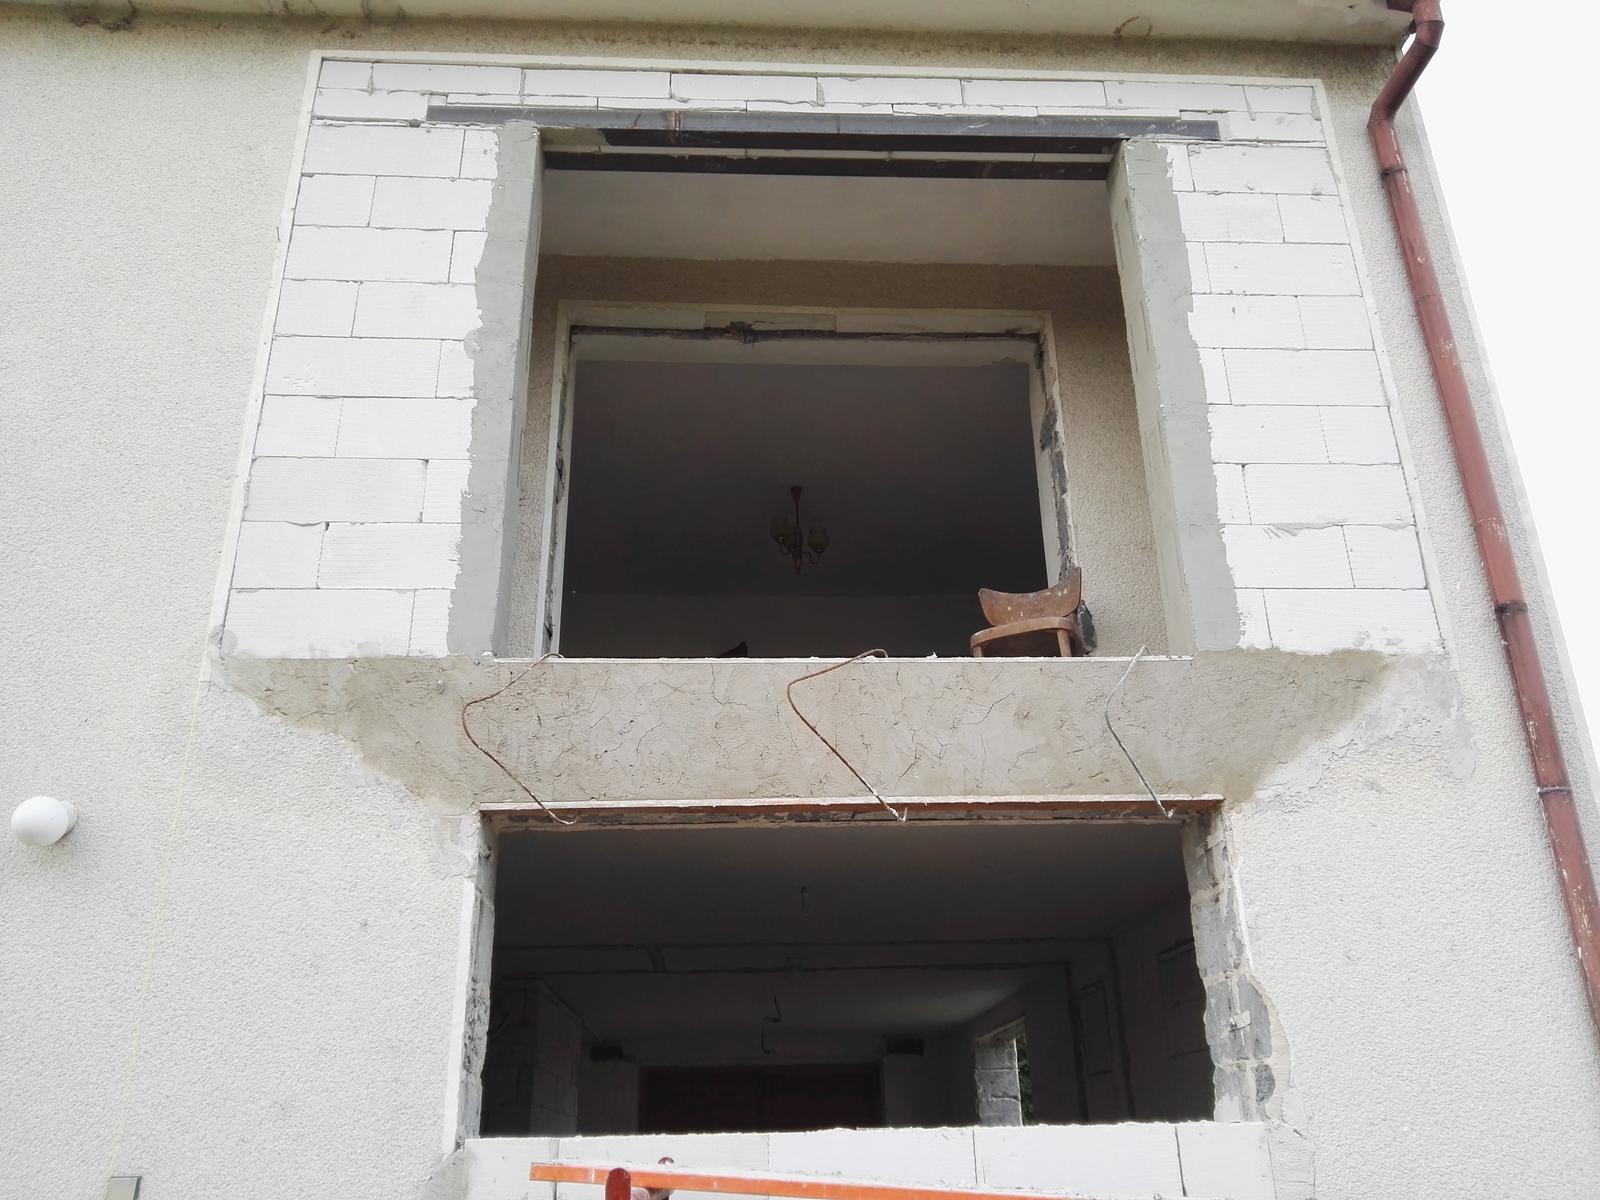 Rekonstrukcia RD - Nahadzala sa nazad omietka co odpadla, chystaju sa pomaly veci na okna